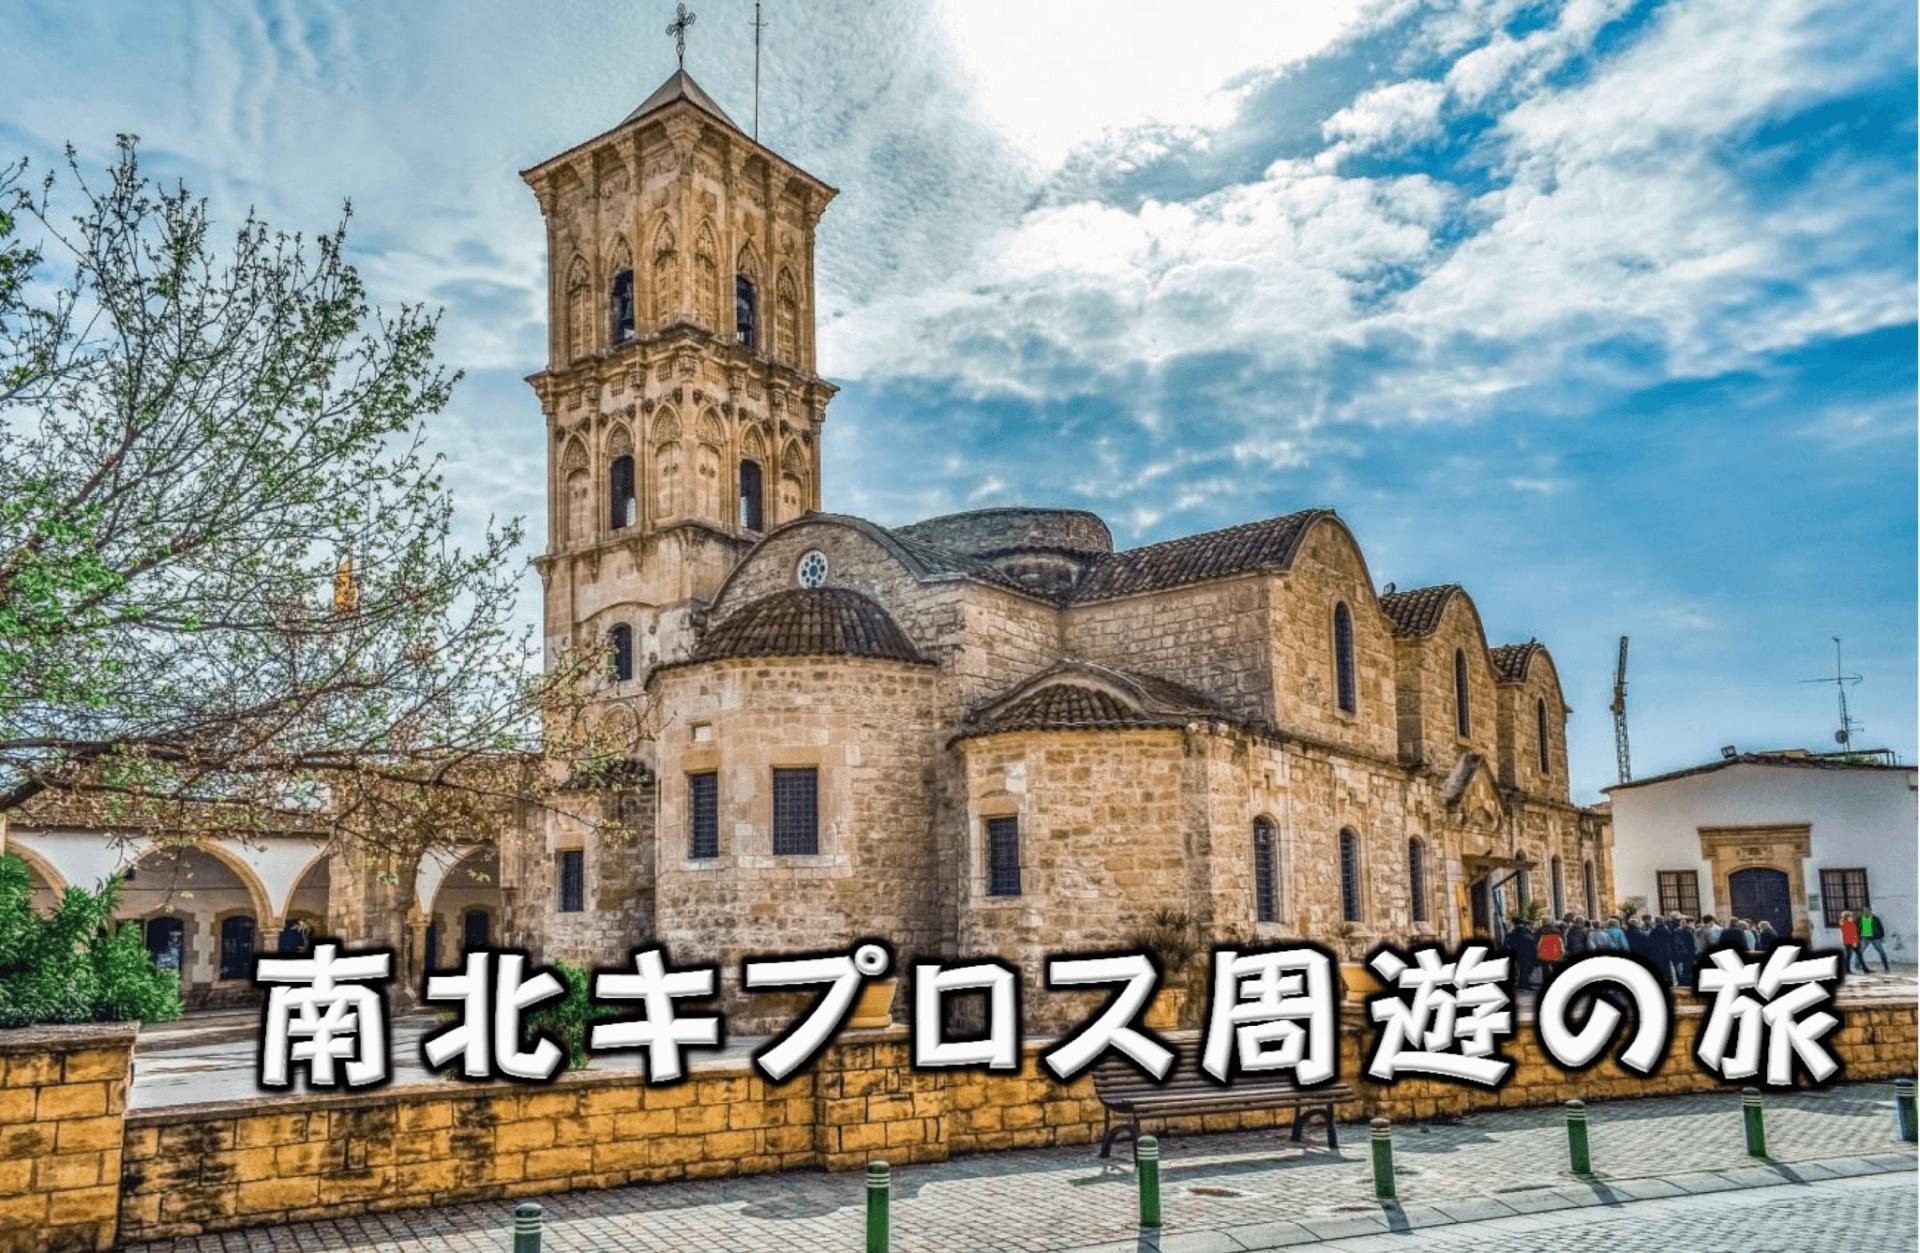 南北キプロス周遊の旅【9日間】